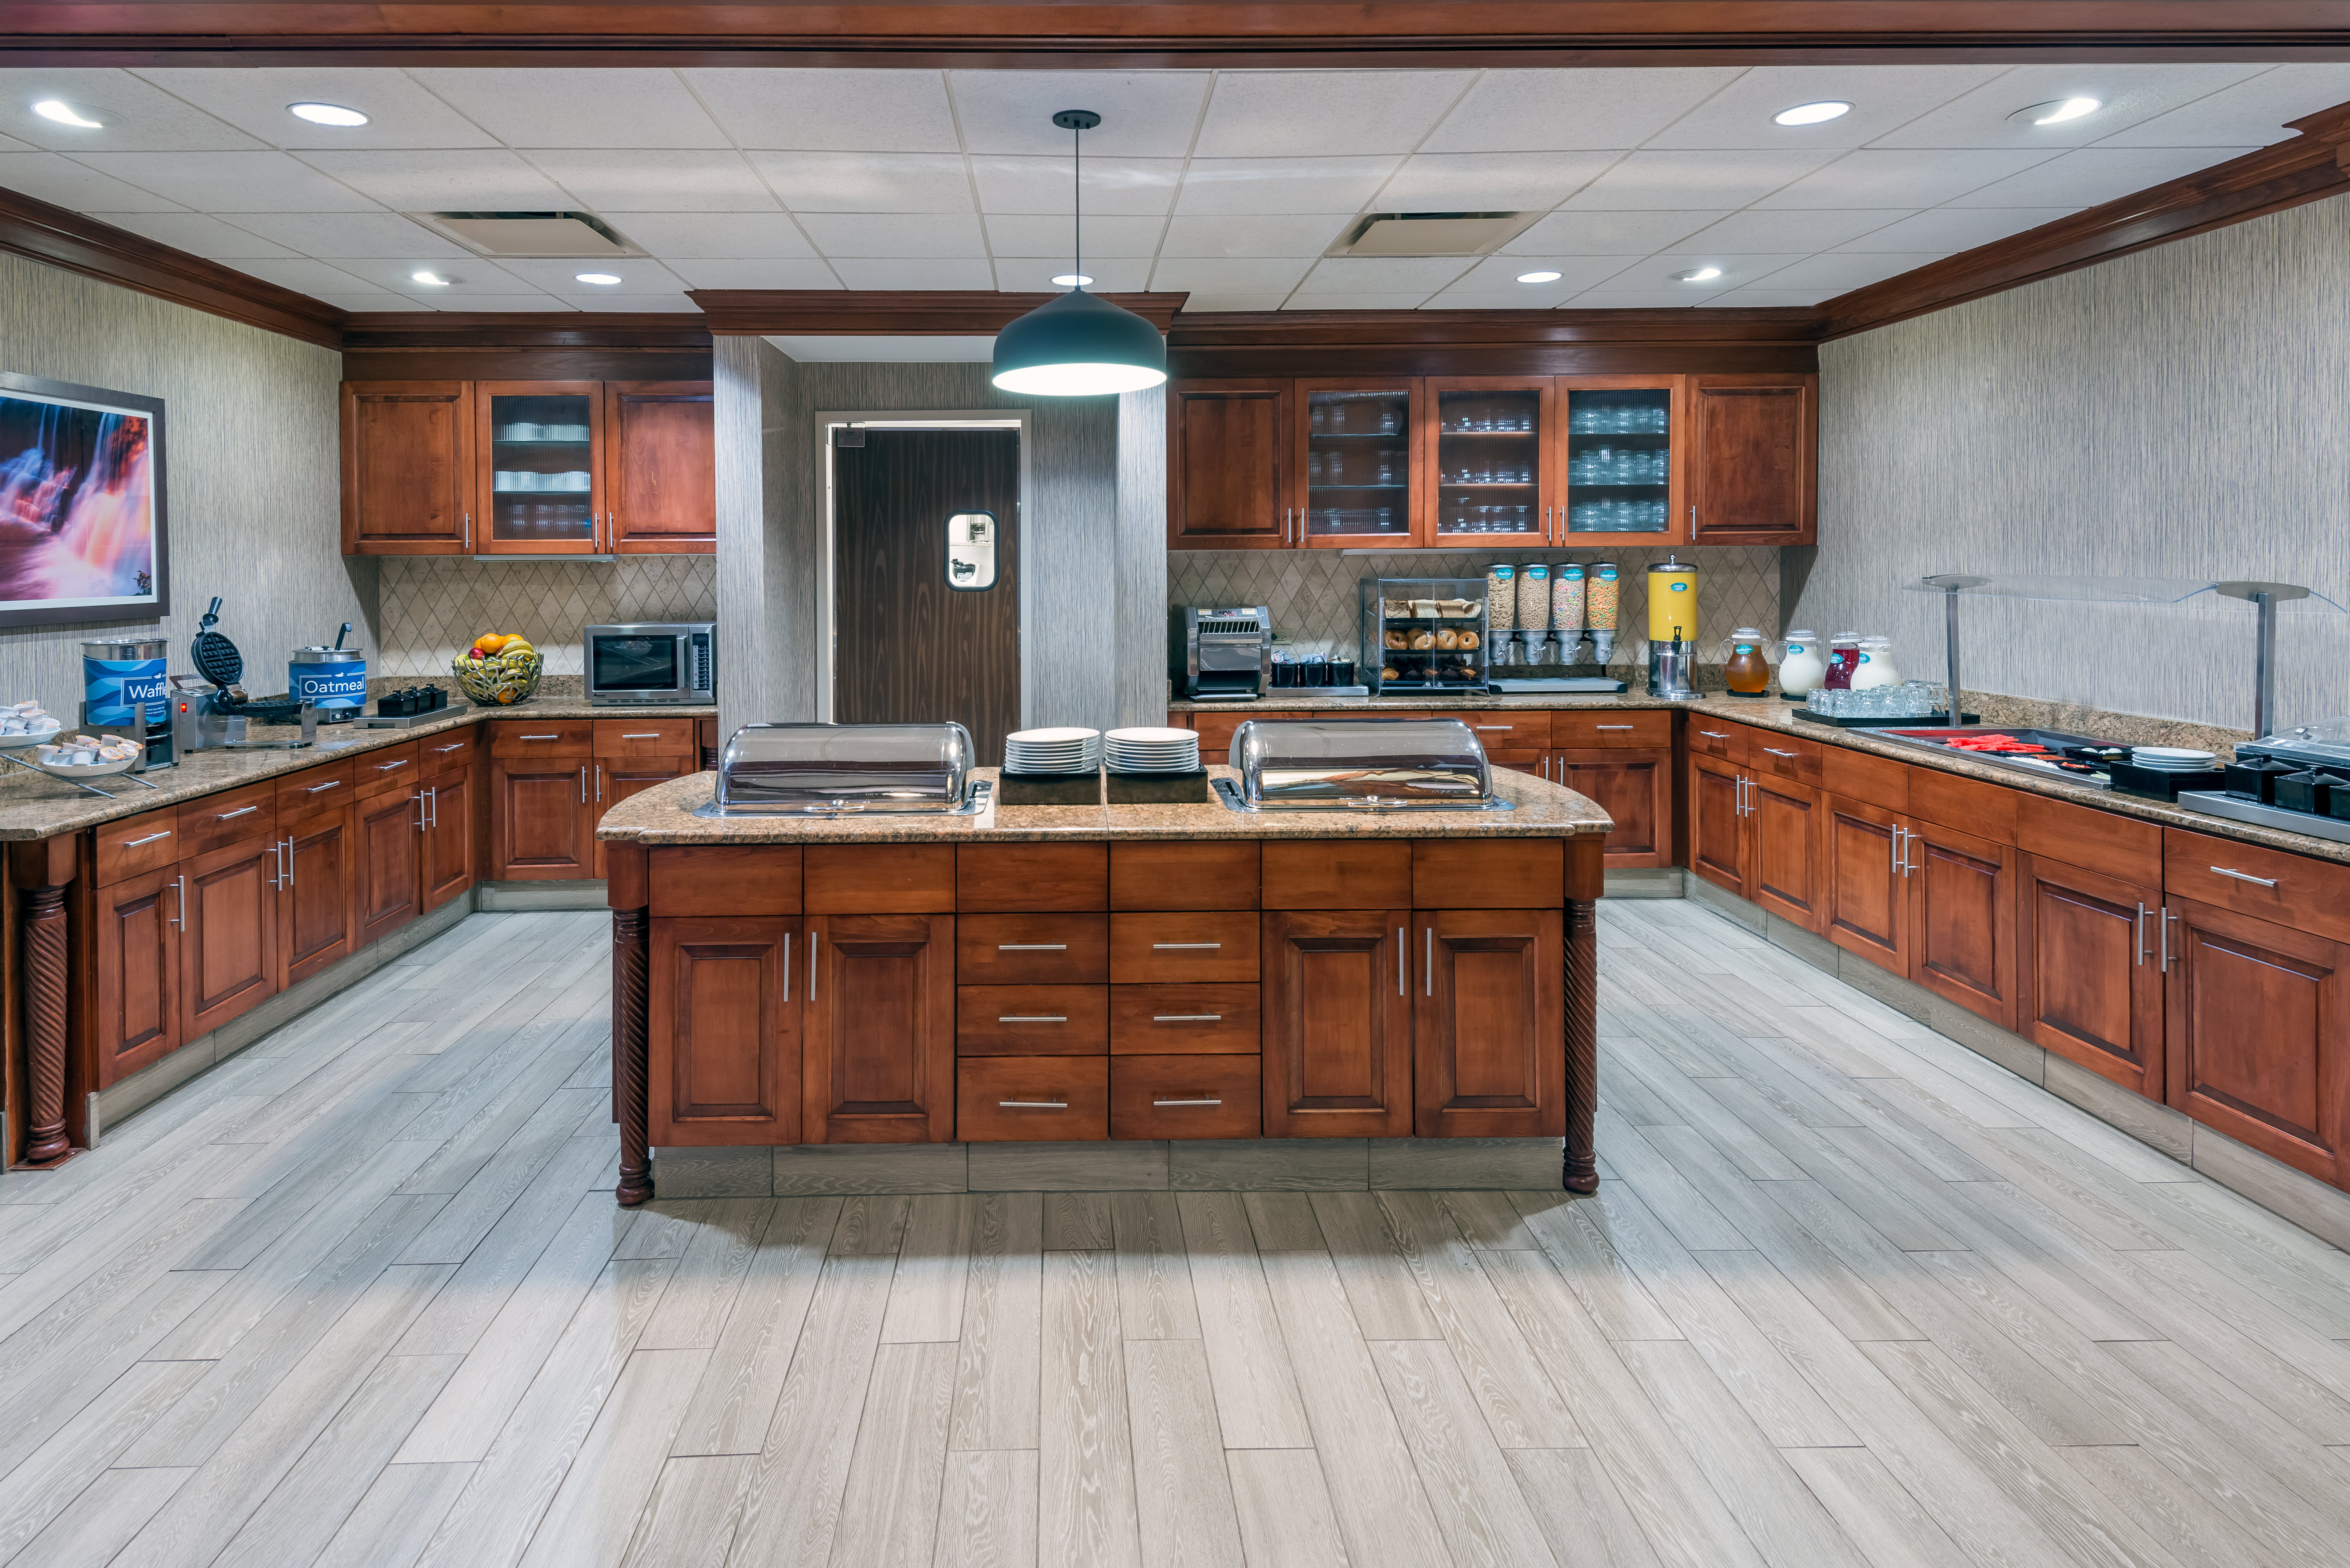 Homewood Suites by Hilton Cleveland-Beachwood image 17